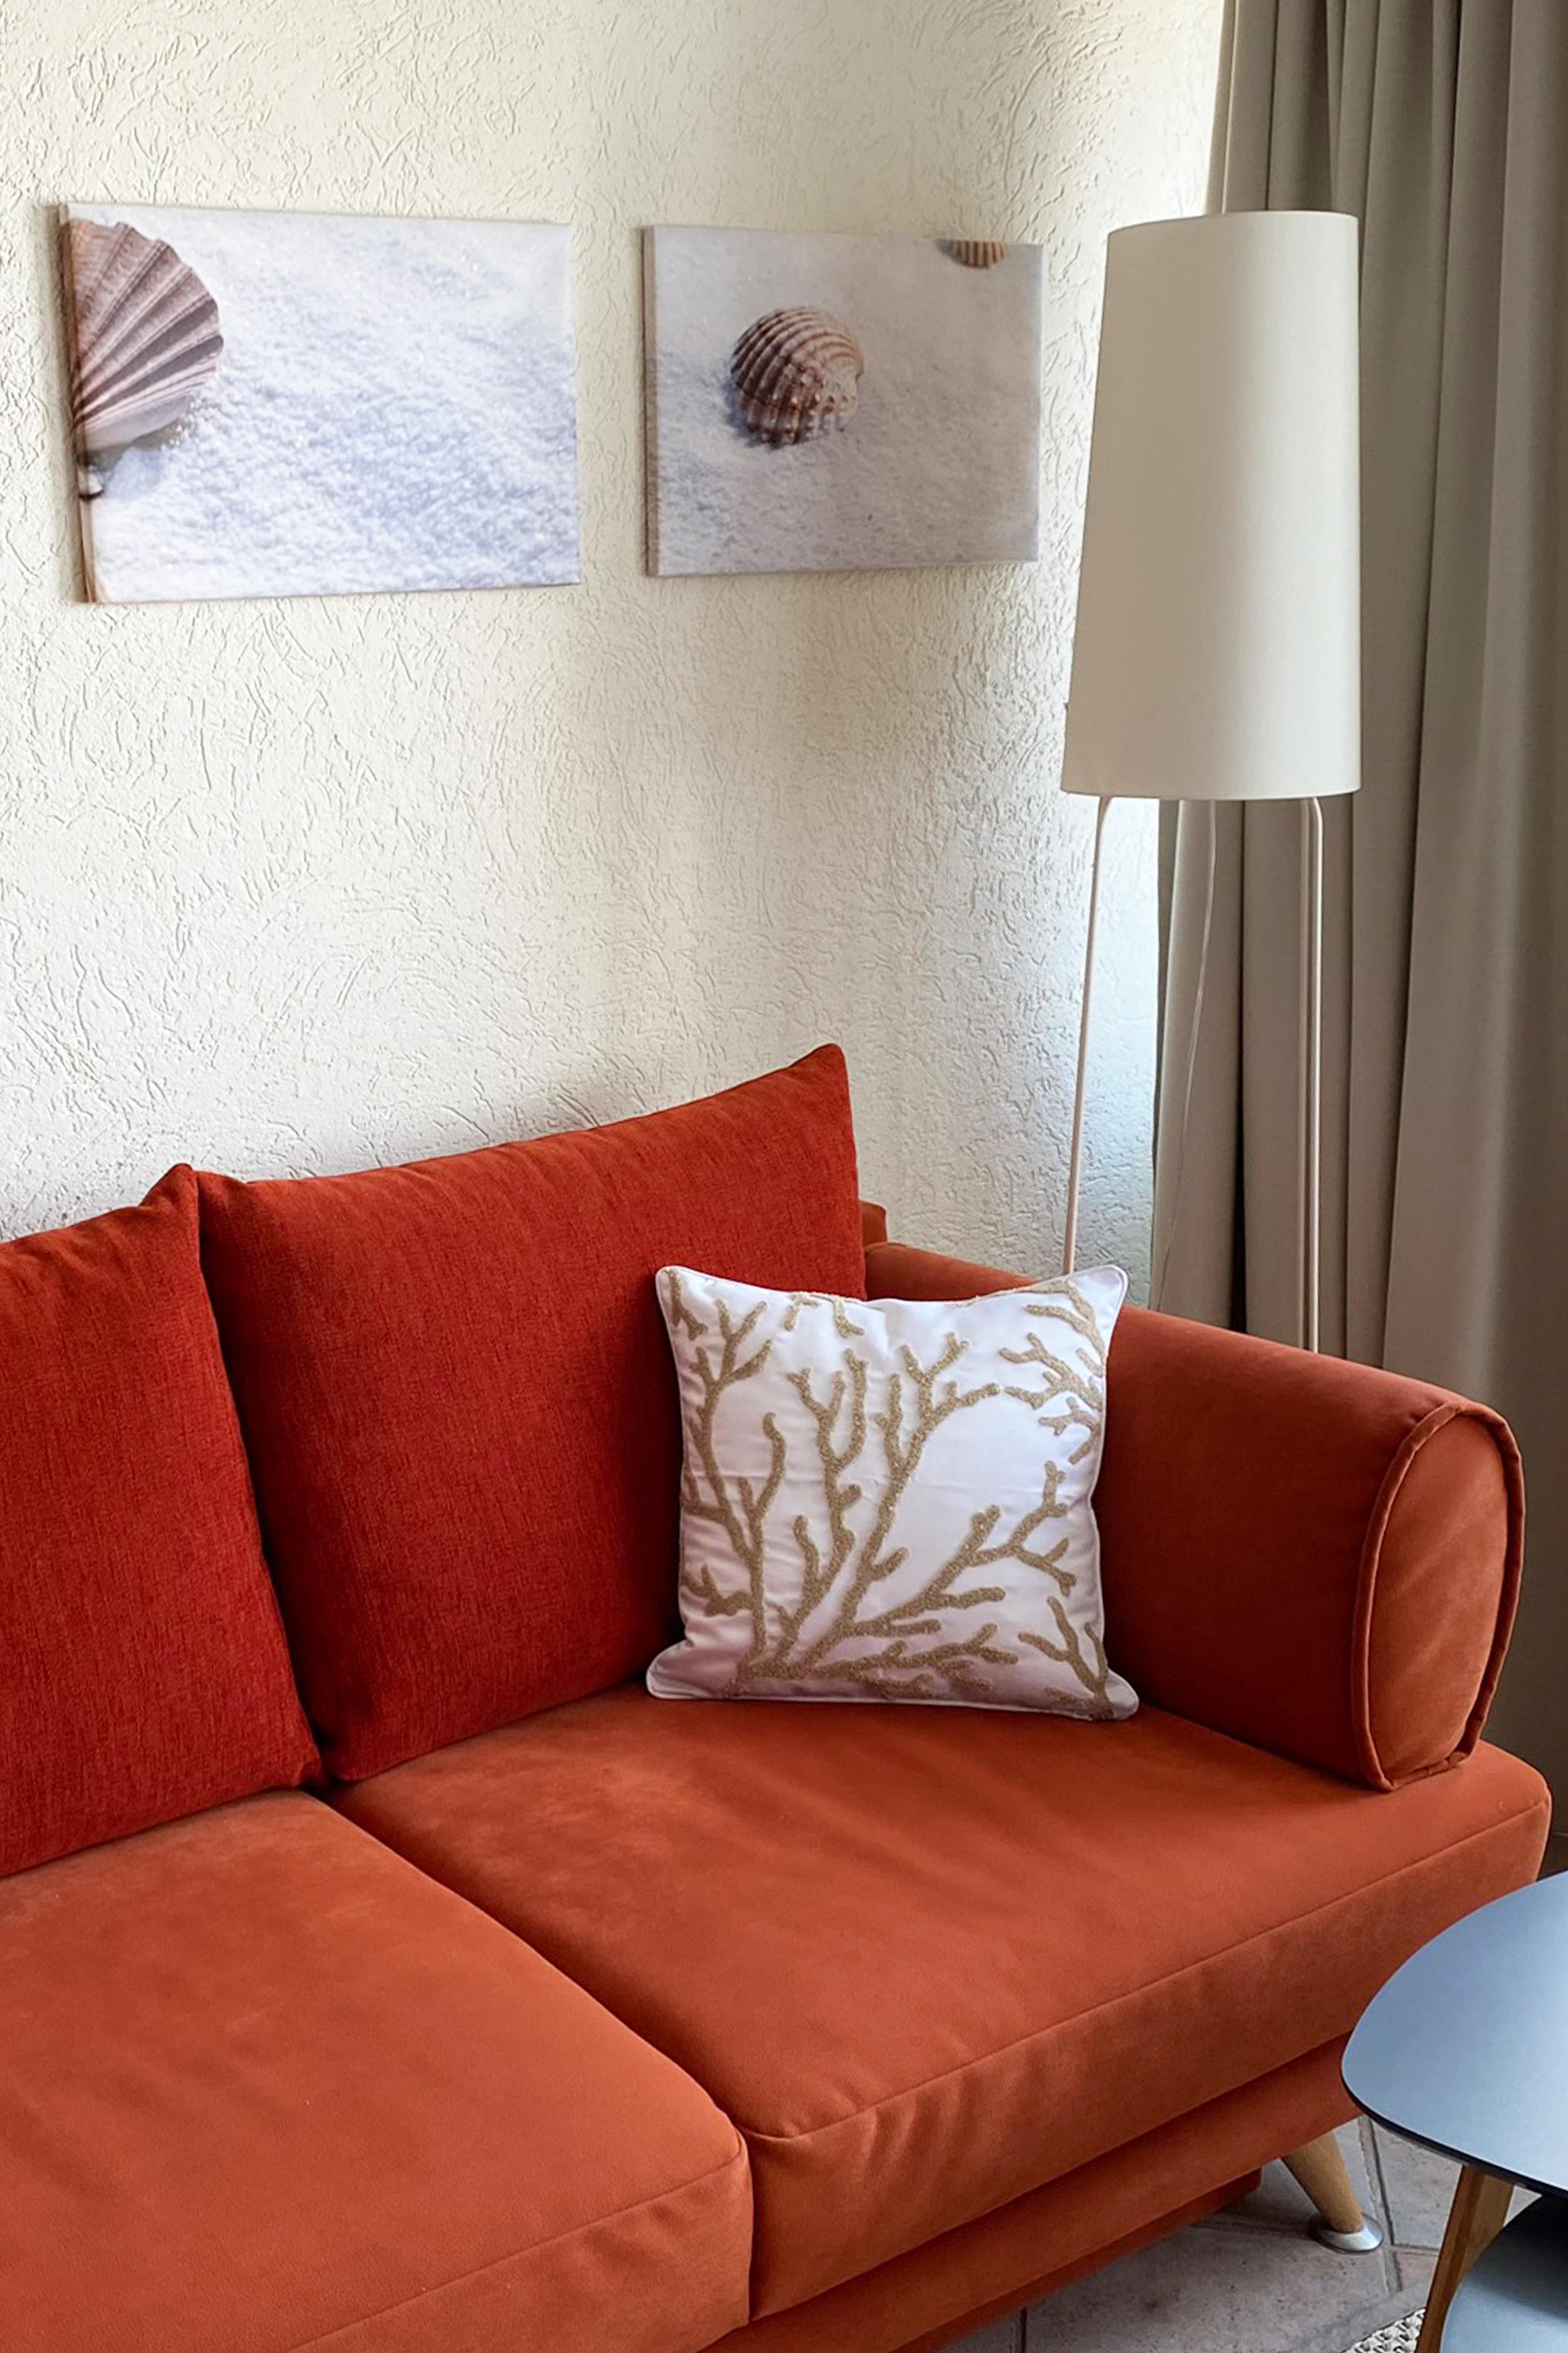 Hote Strandhus Cuxhaven Zimmer 1-Raum-Appartement